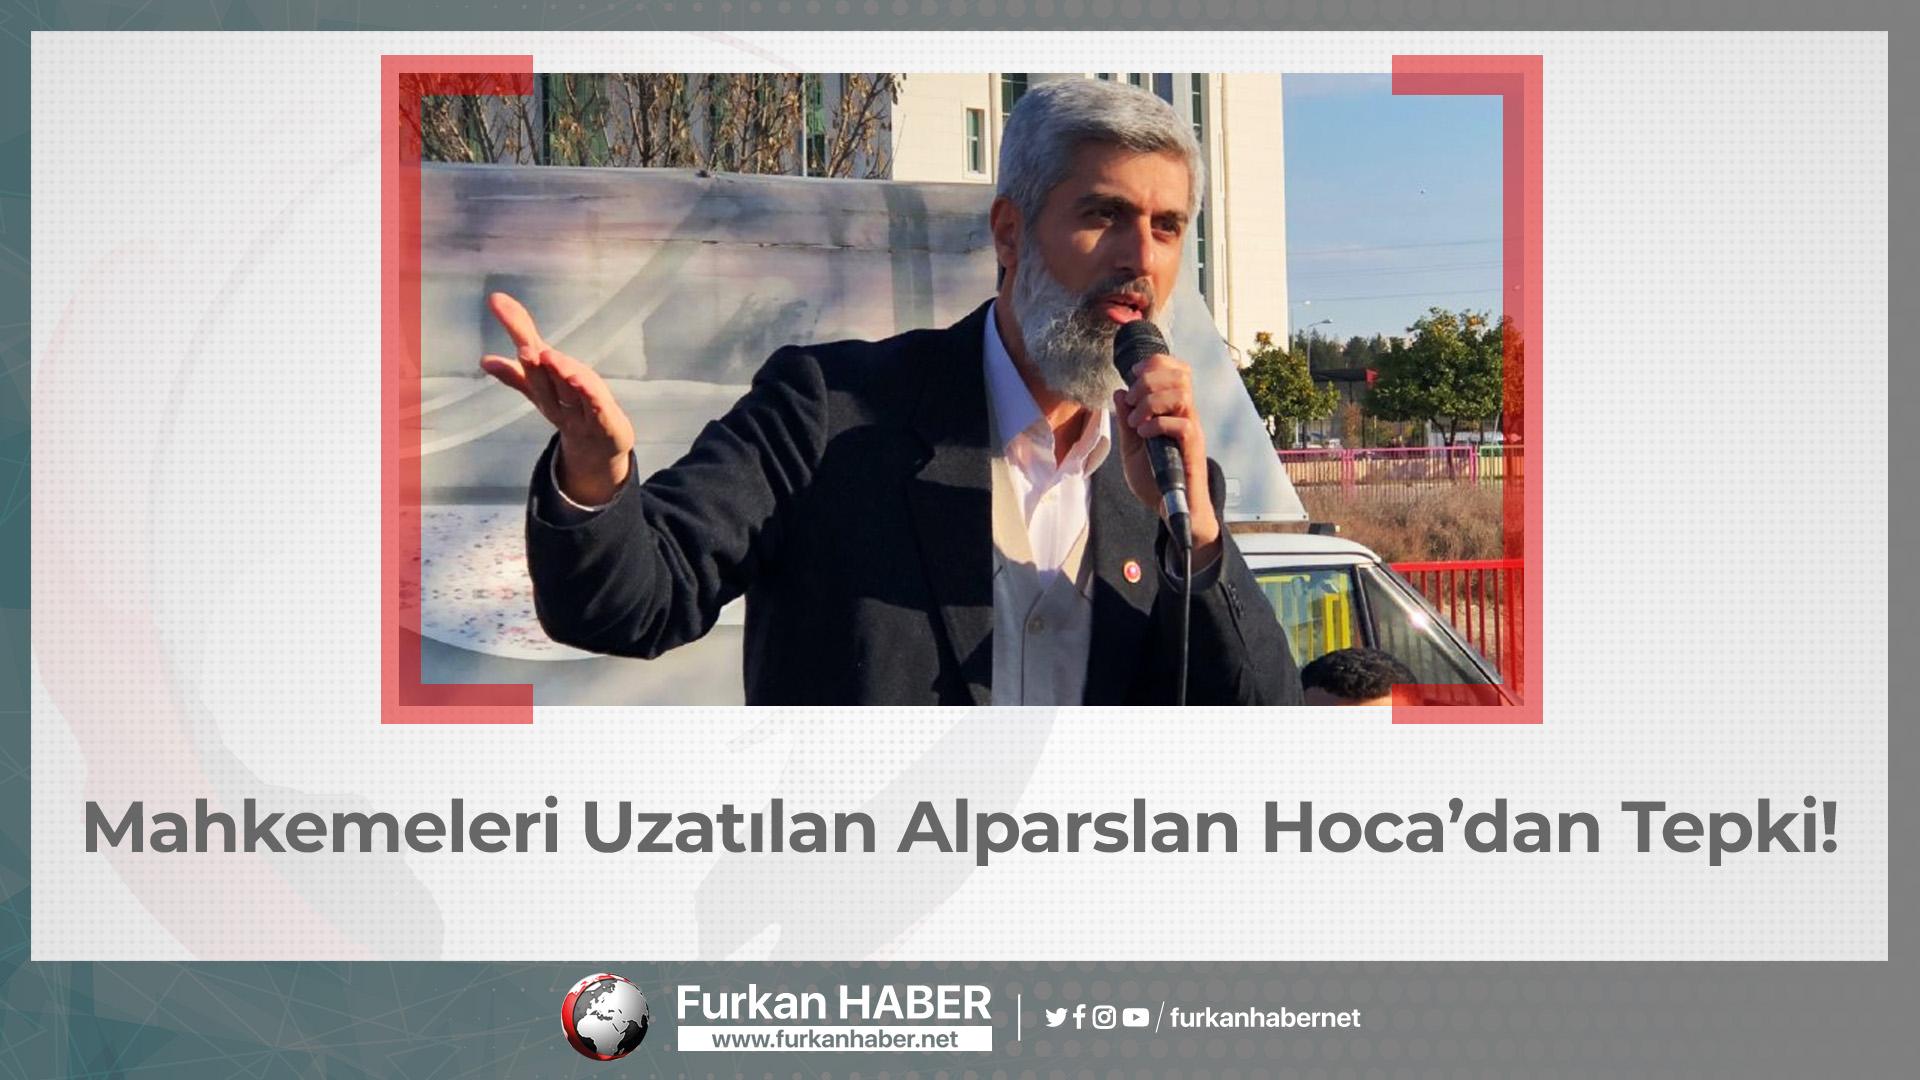 Mahkemeleri Uzatılan Alparslan Hocadan Tepki!